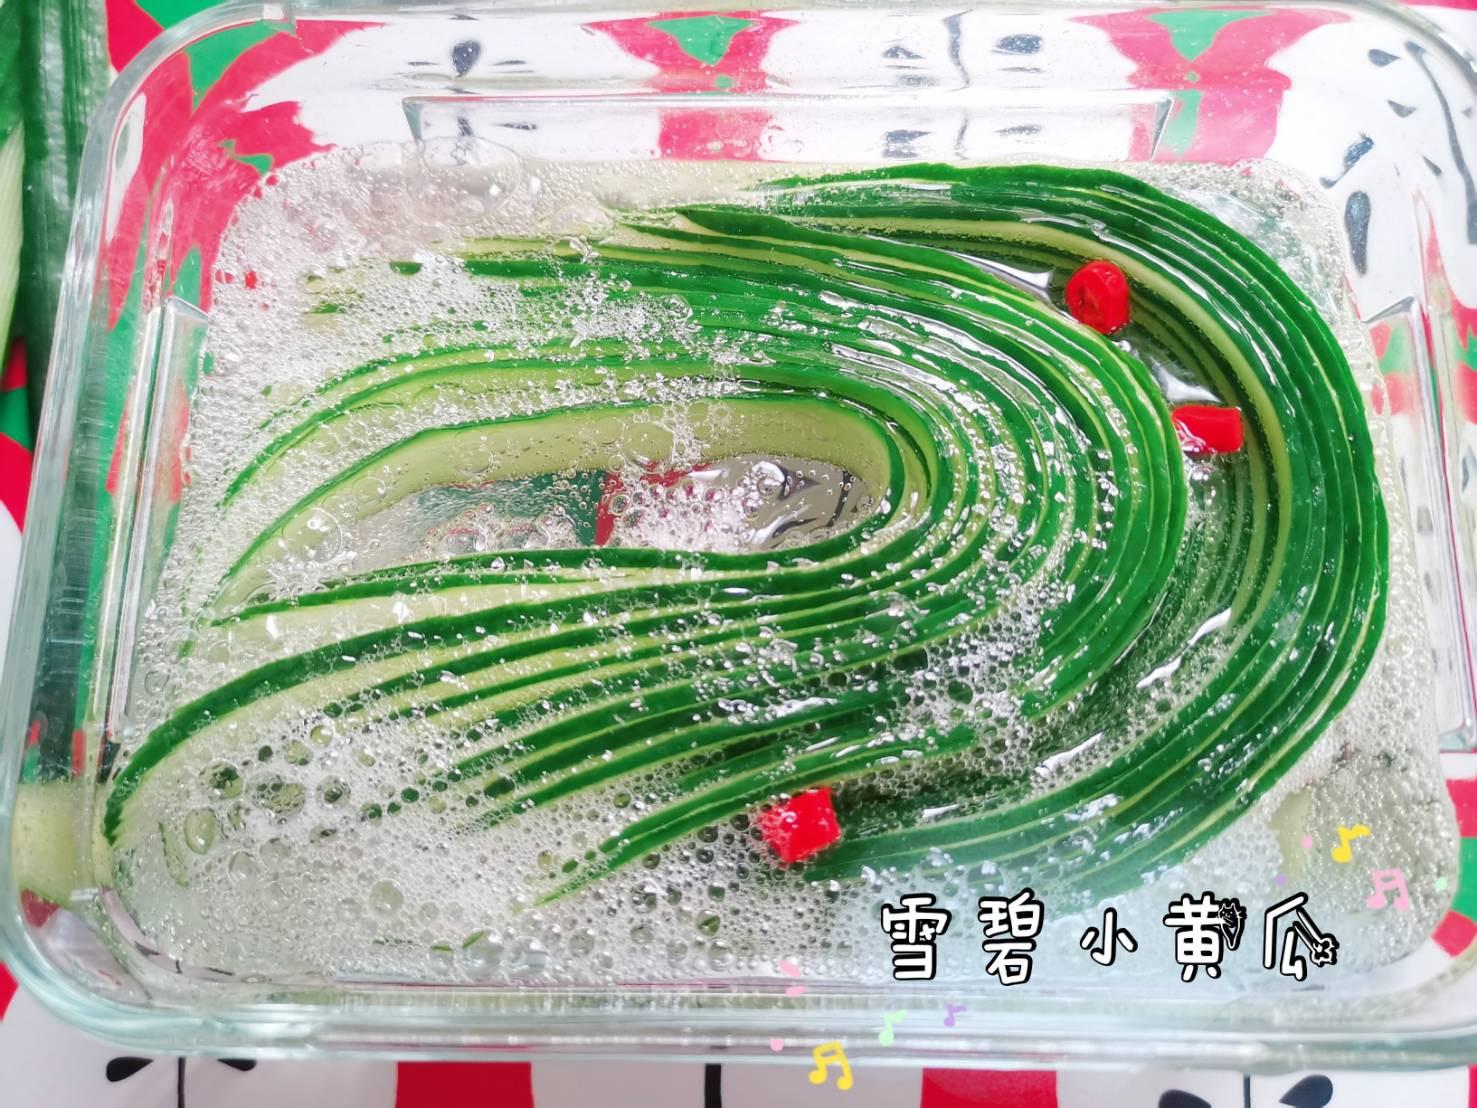 涼拌菜 - 雪碧小黃瓜